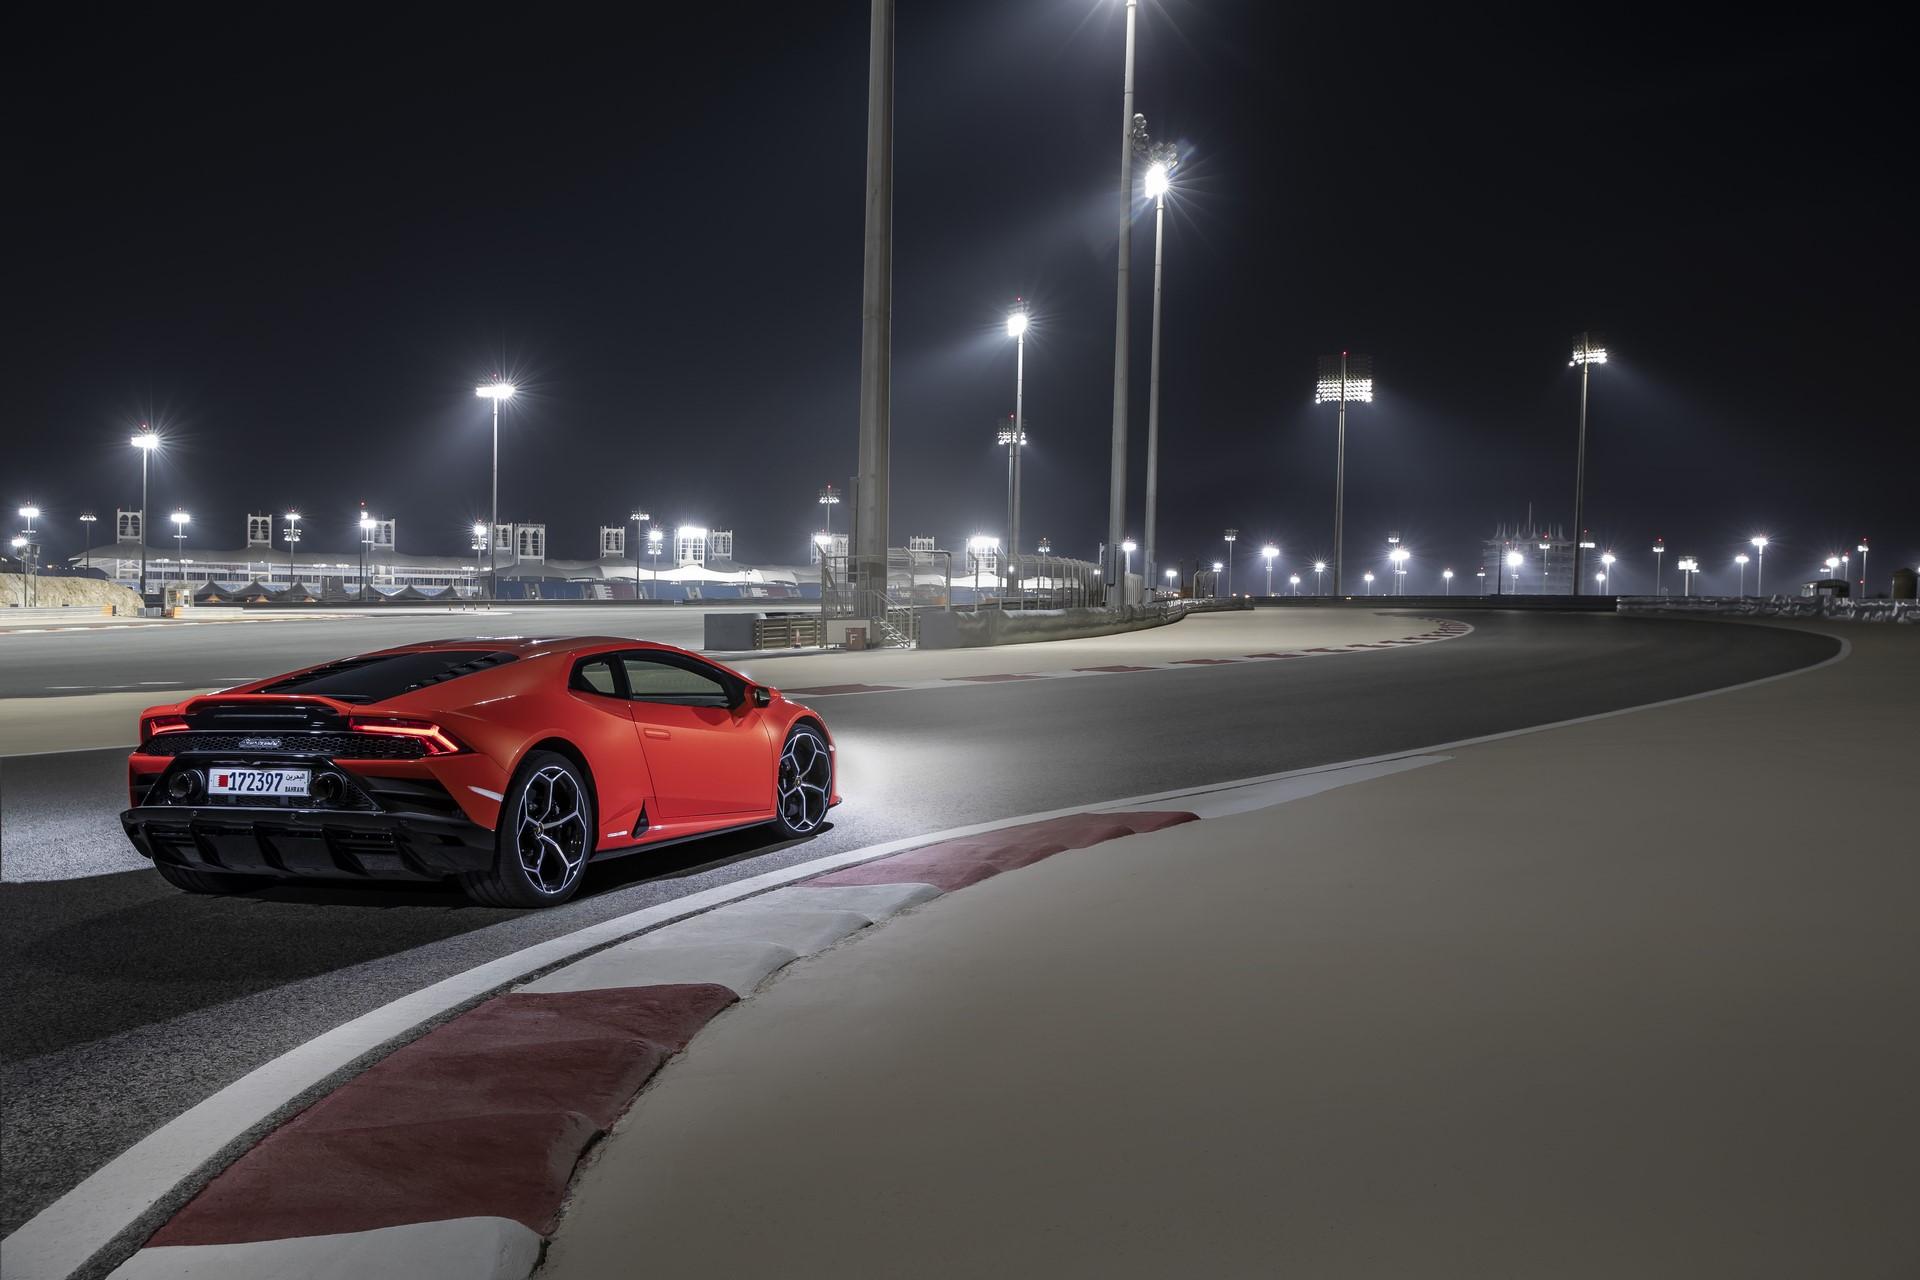 Lamborghini Huracan Evo 2019 (58)